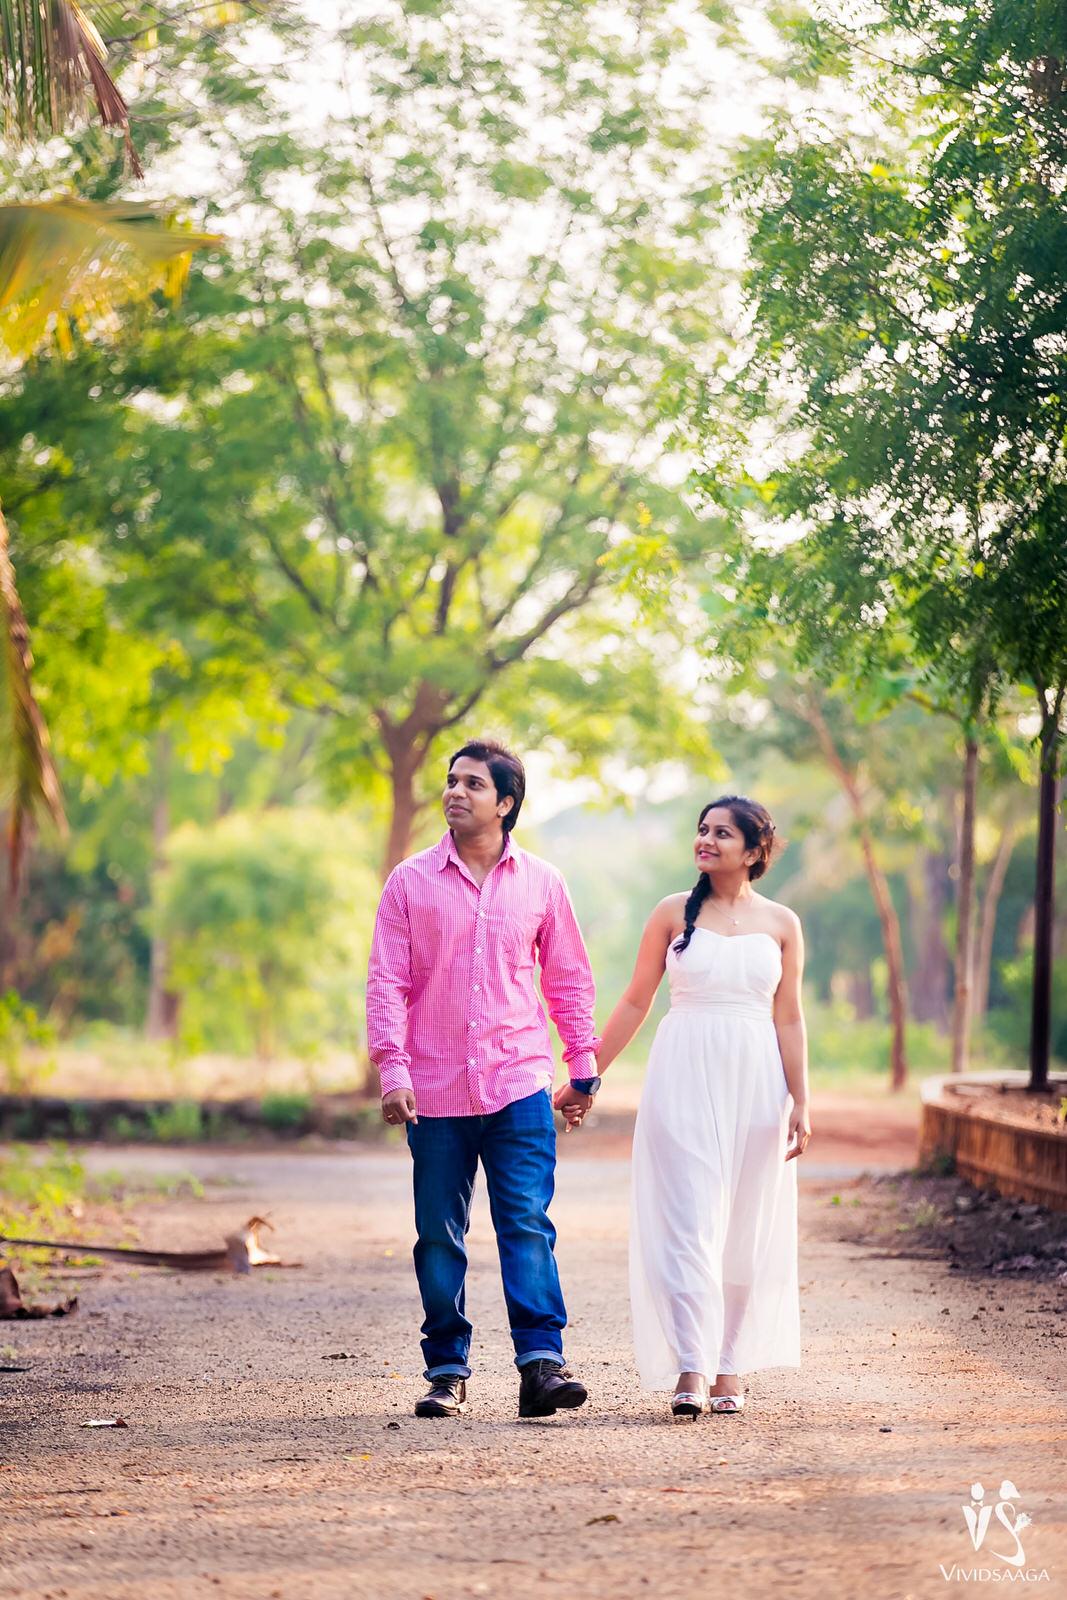 Candid Photography Hyderabad Vishal and Priya